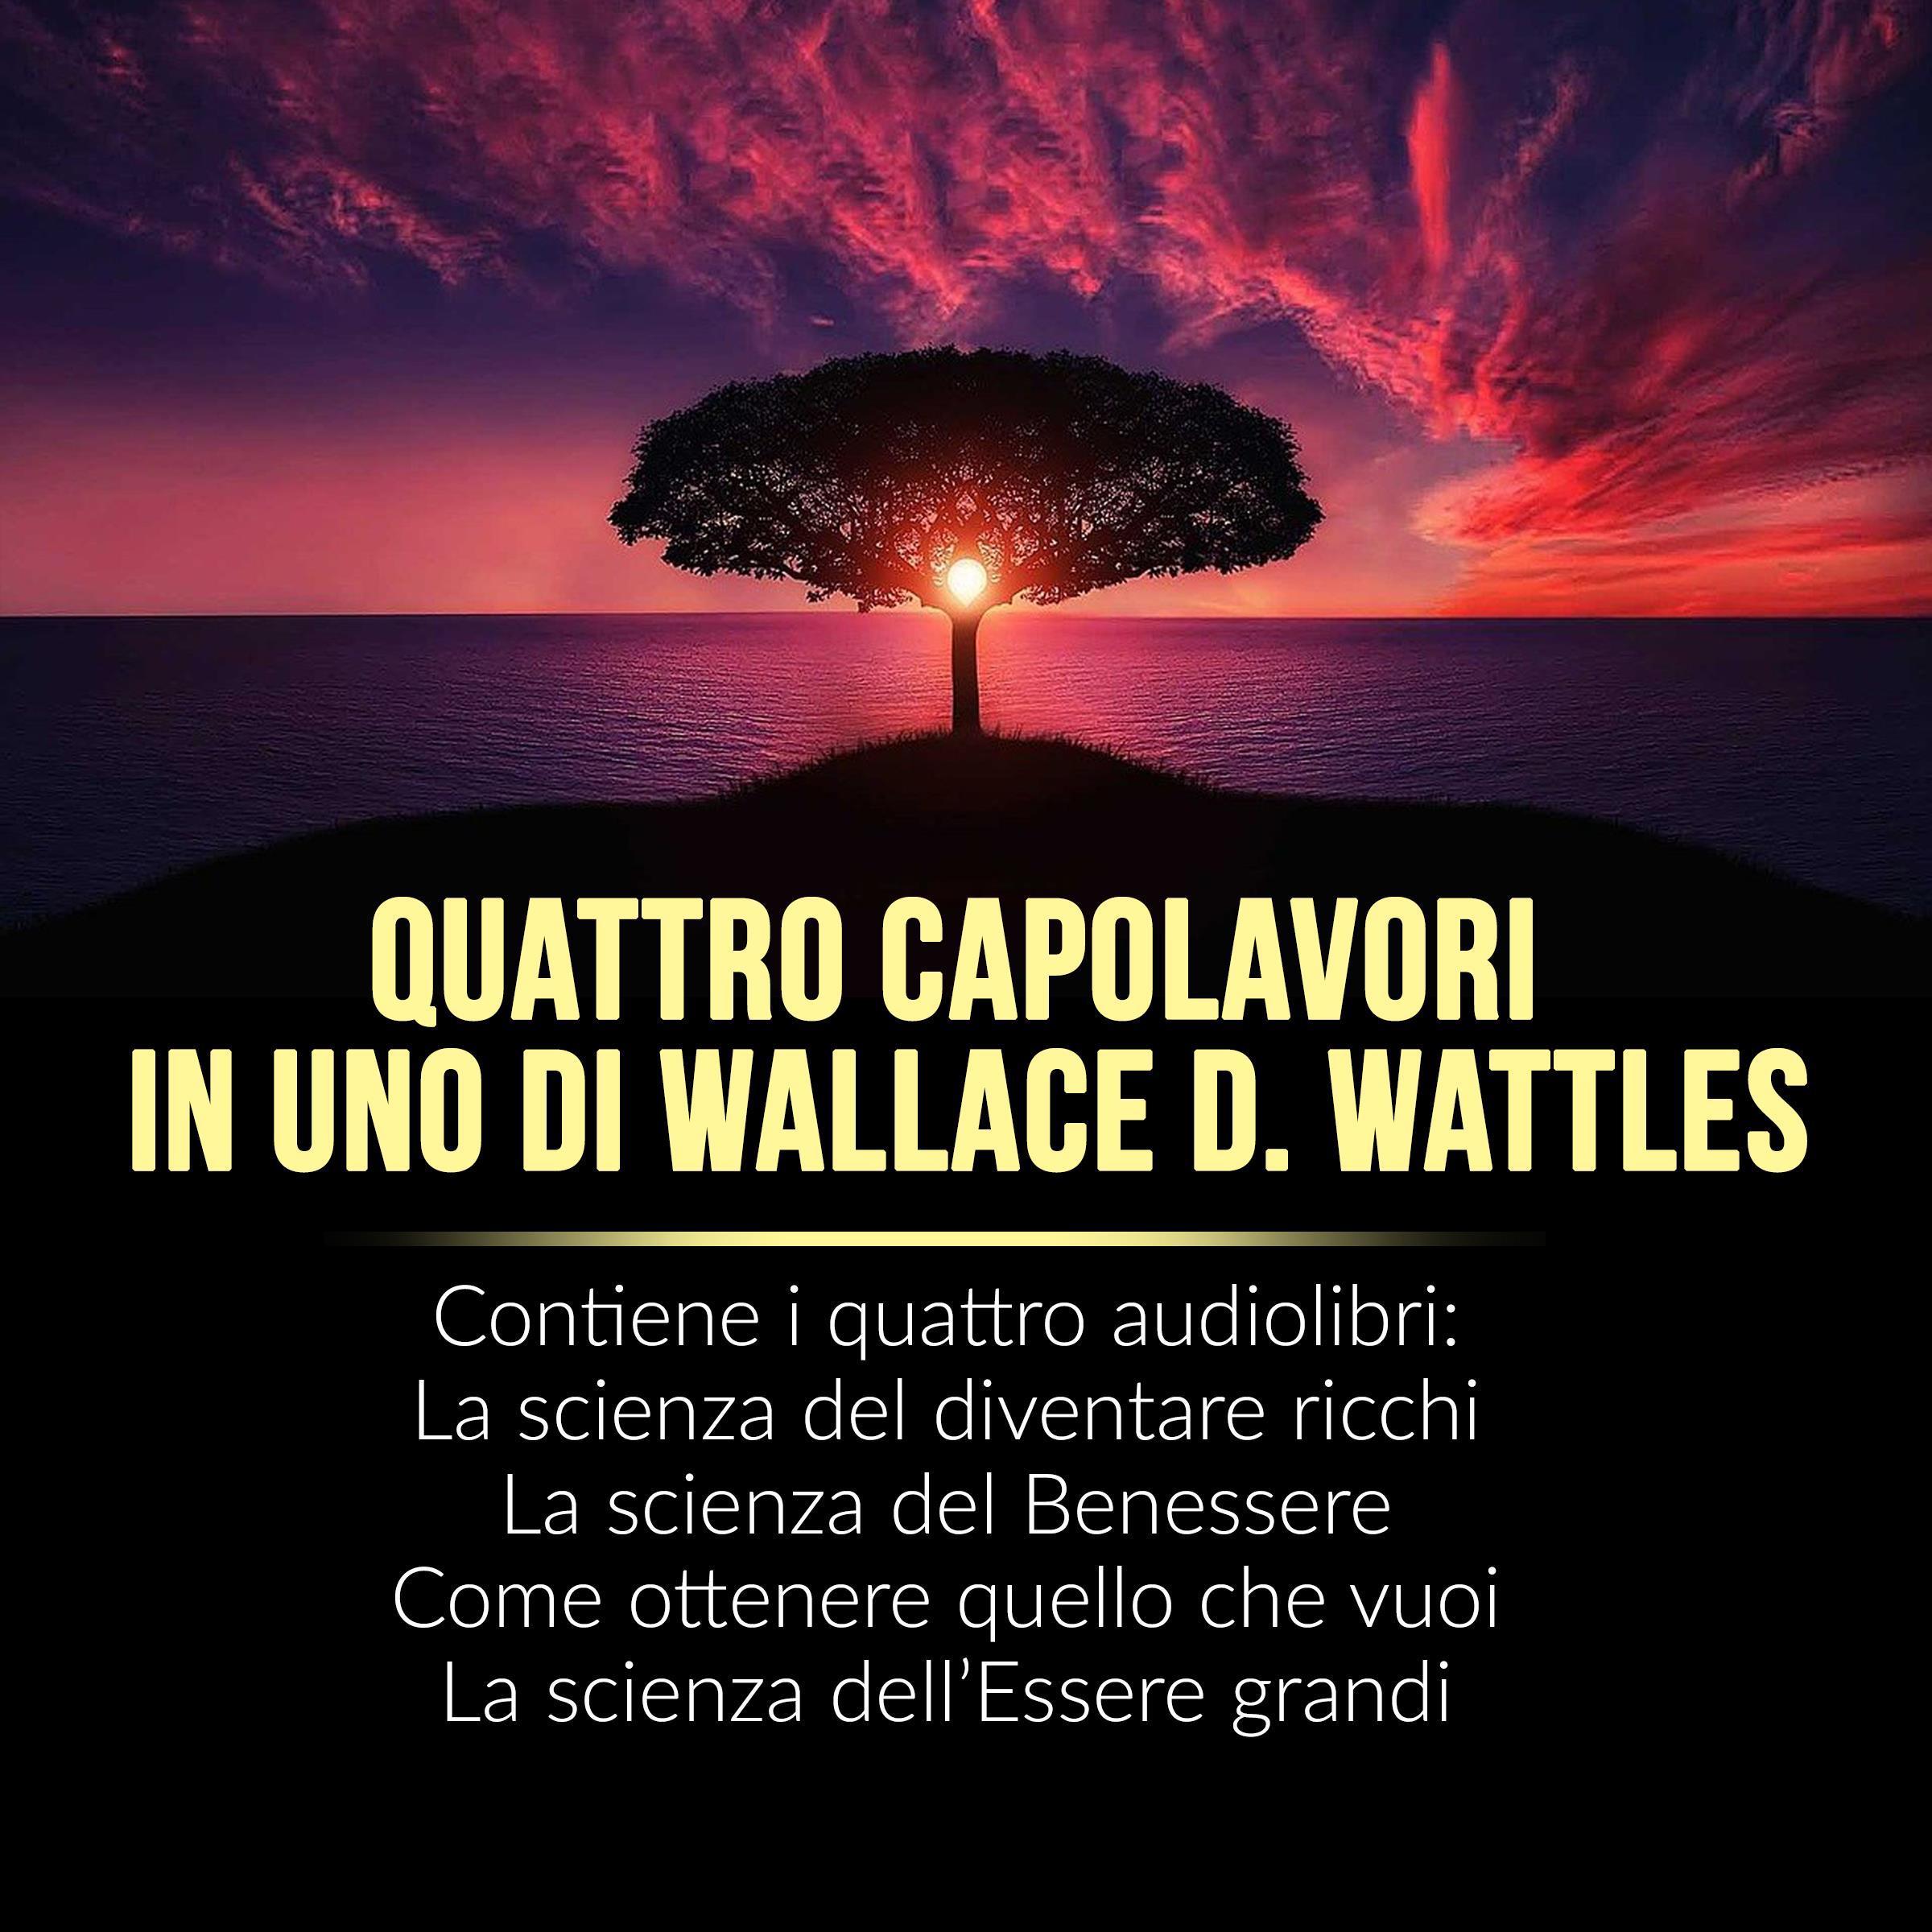 Quattro capolavori in uno di Wallace D. Wattles